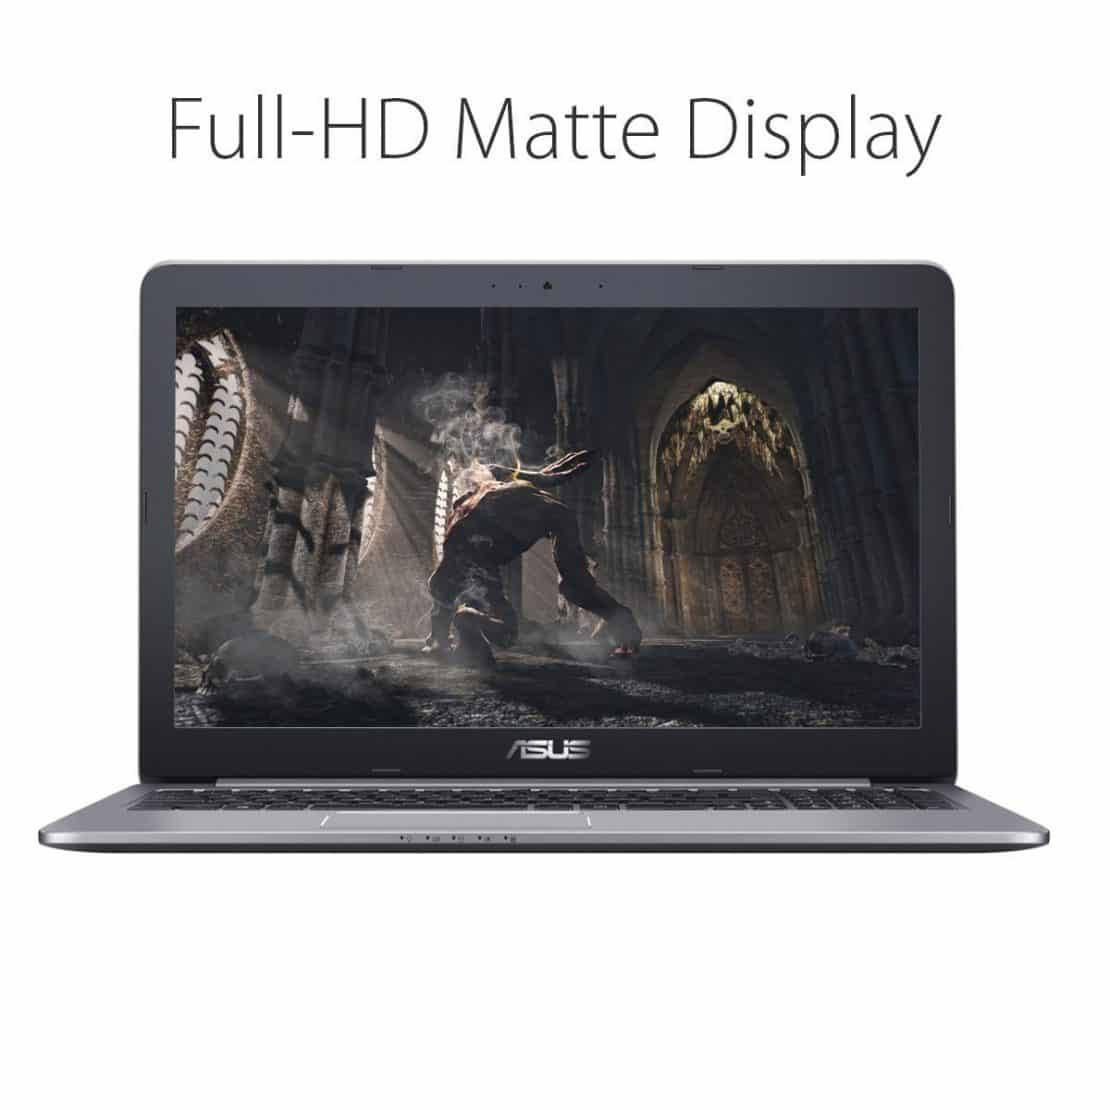 ASUS K501LX 15.6 Gaming Laptop - Gaming Laptops Under 1000 USD - Gaming Laptop For Less Than 1000